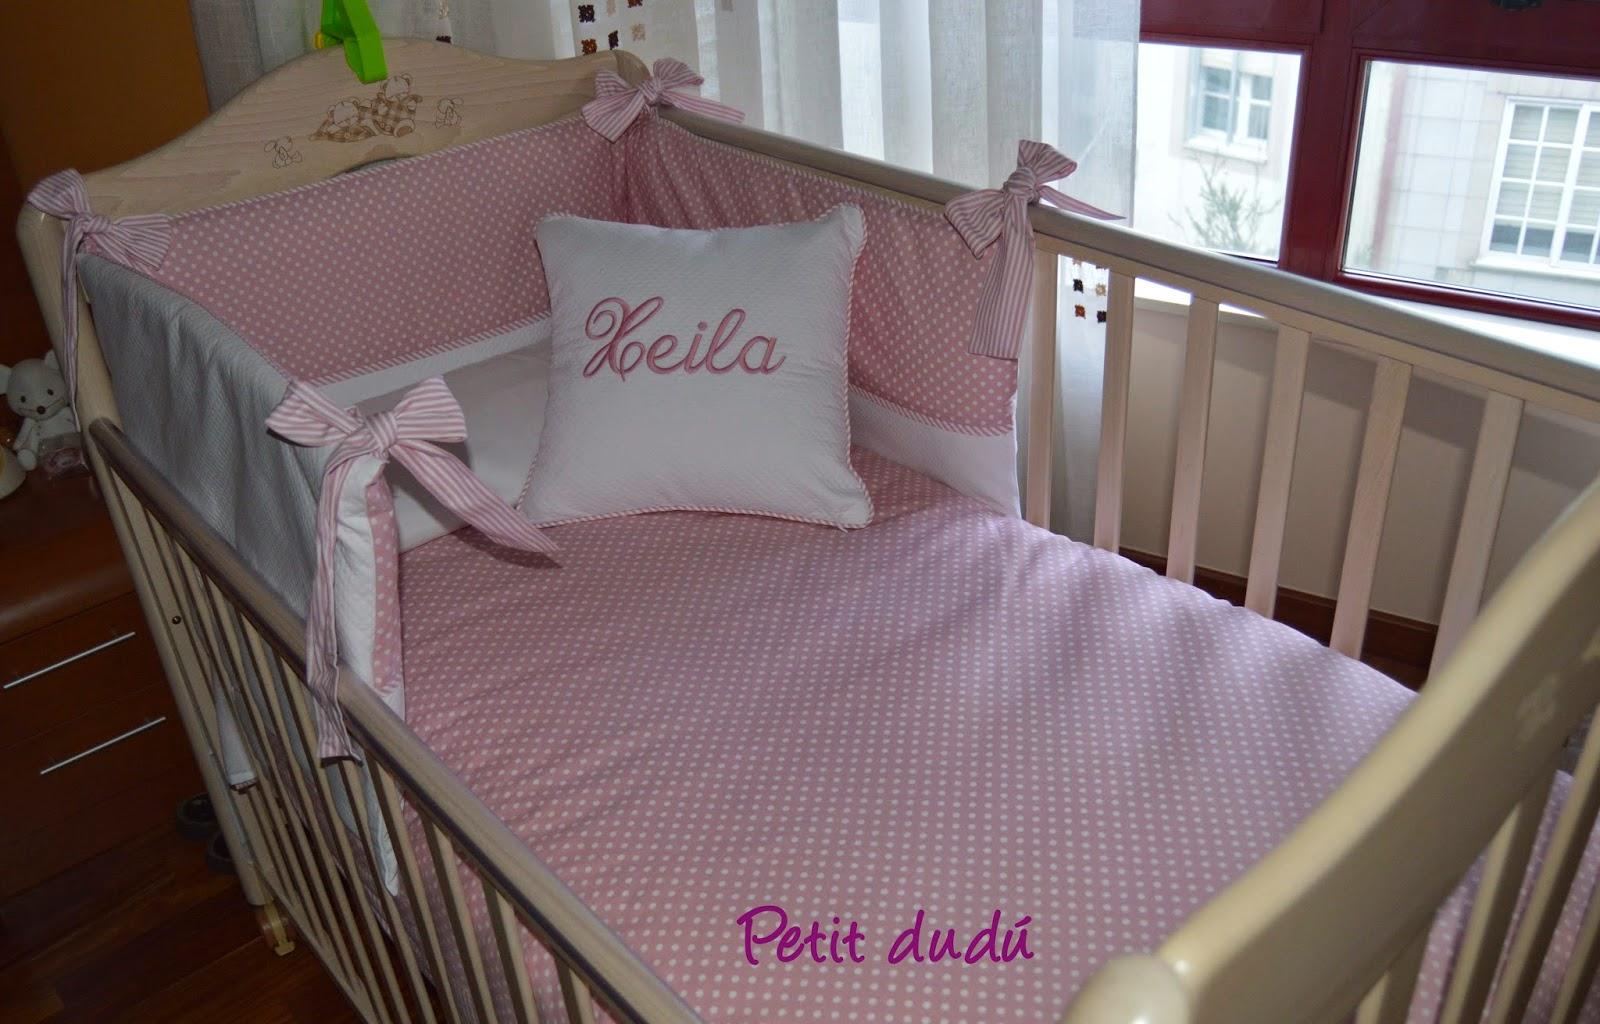 Petitdudu ropa sacos y complementos de beb conjunto para cuna de beb y para ba o - Chichoneras y edredones para cunas ...